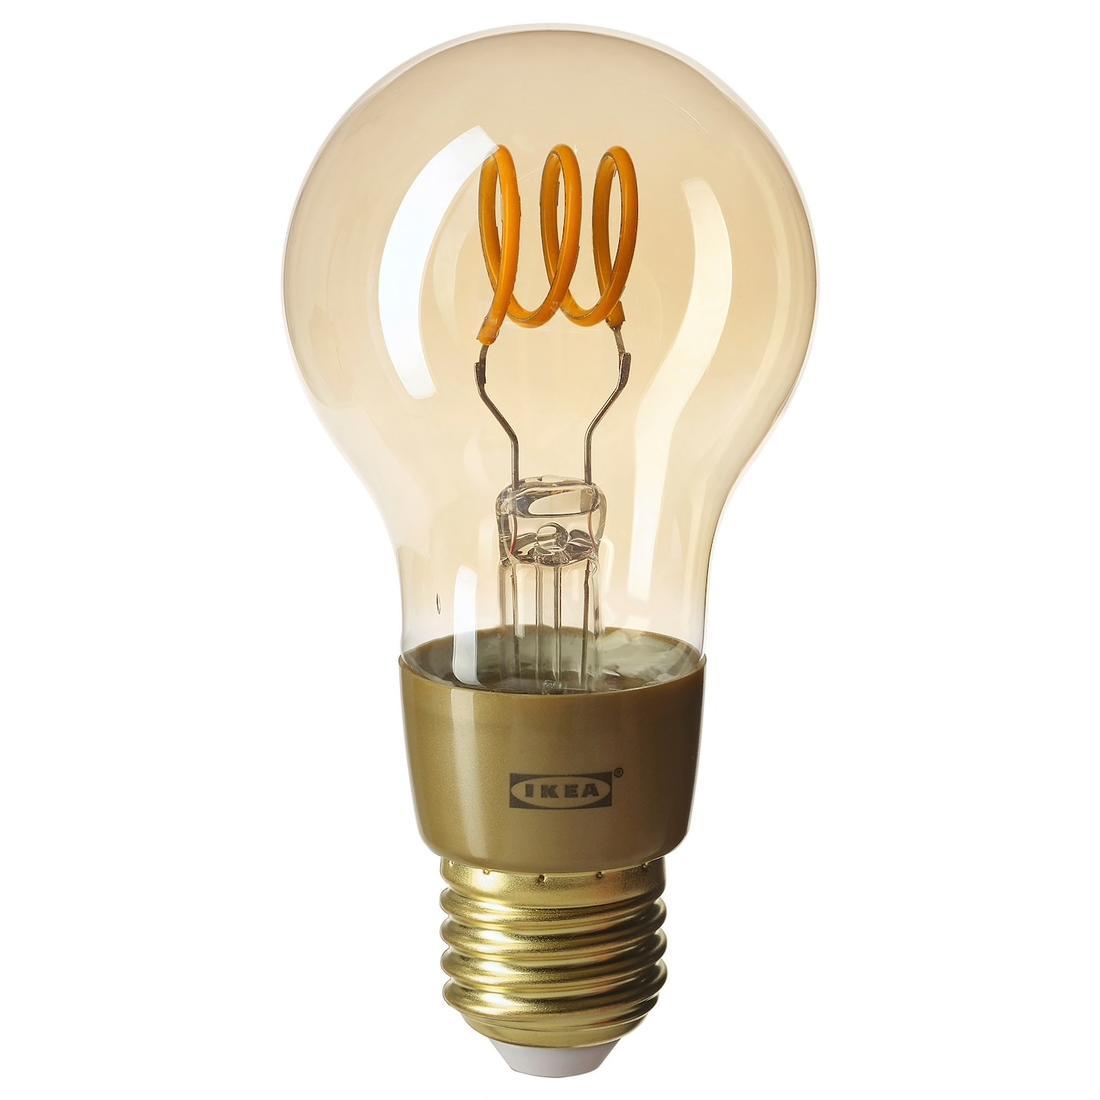 Ikea bringt Filament-Glühbirnen für 10 Euro für HomeKit